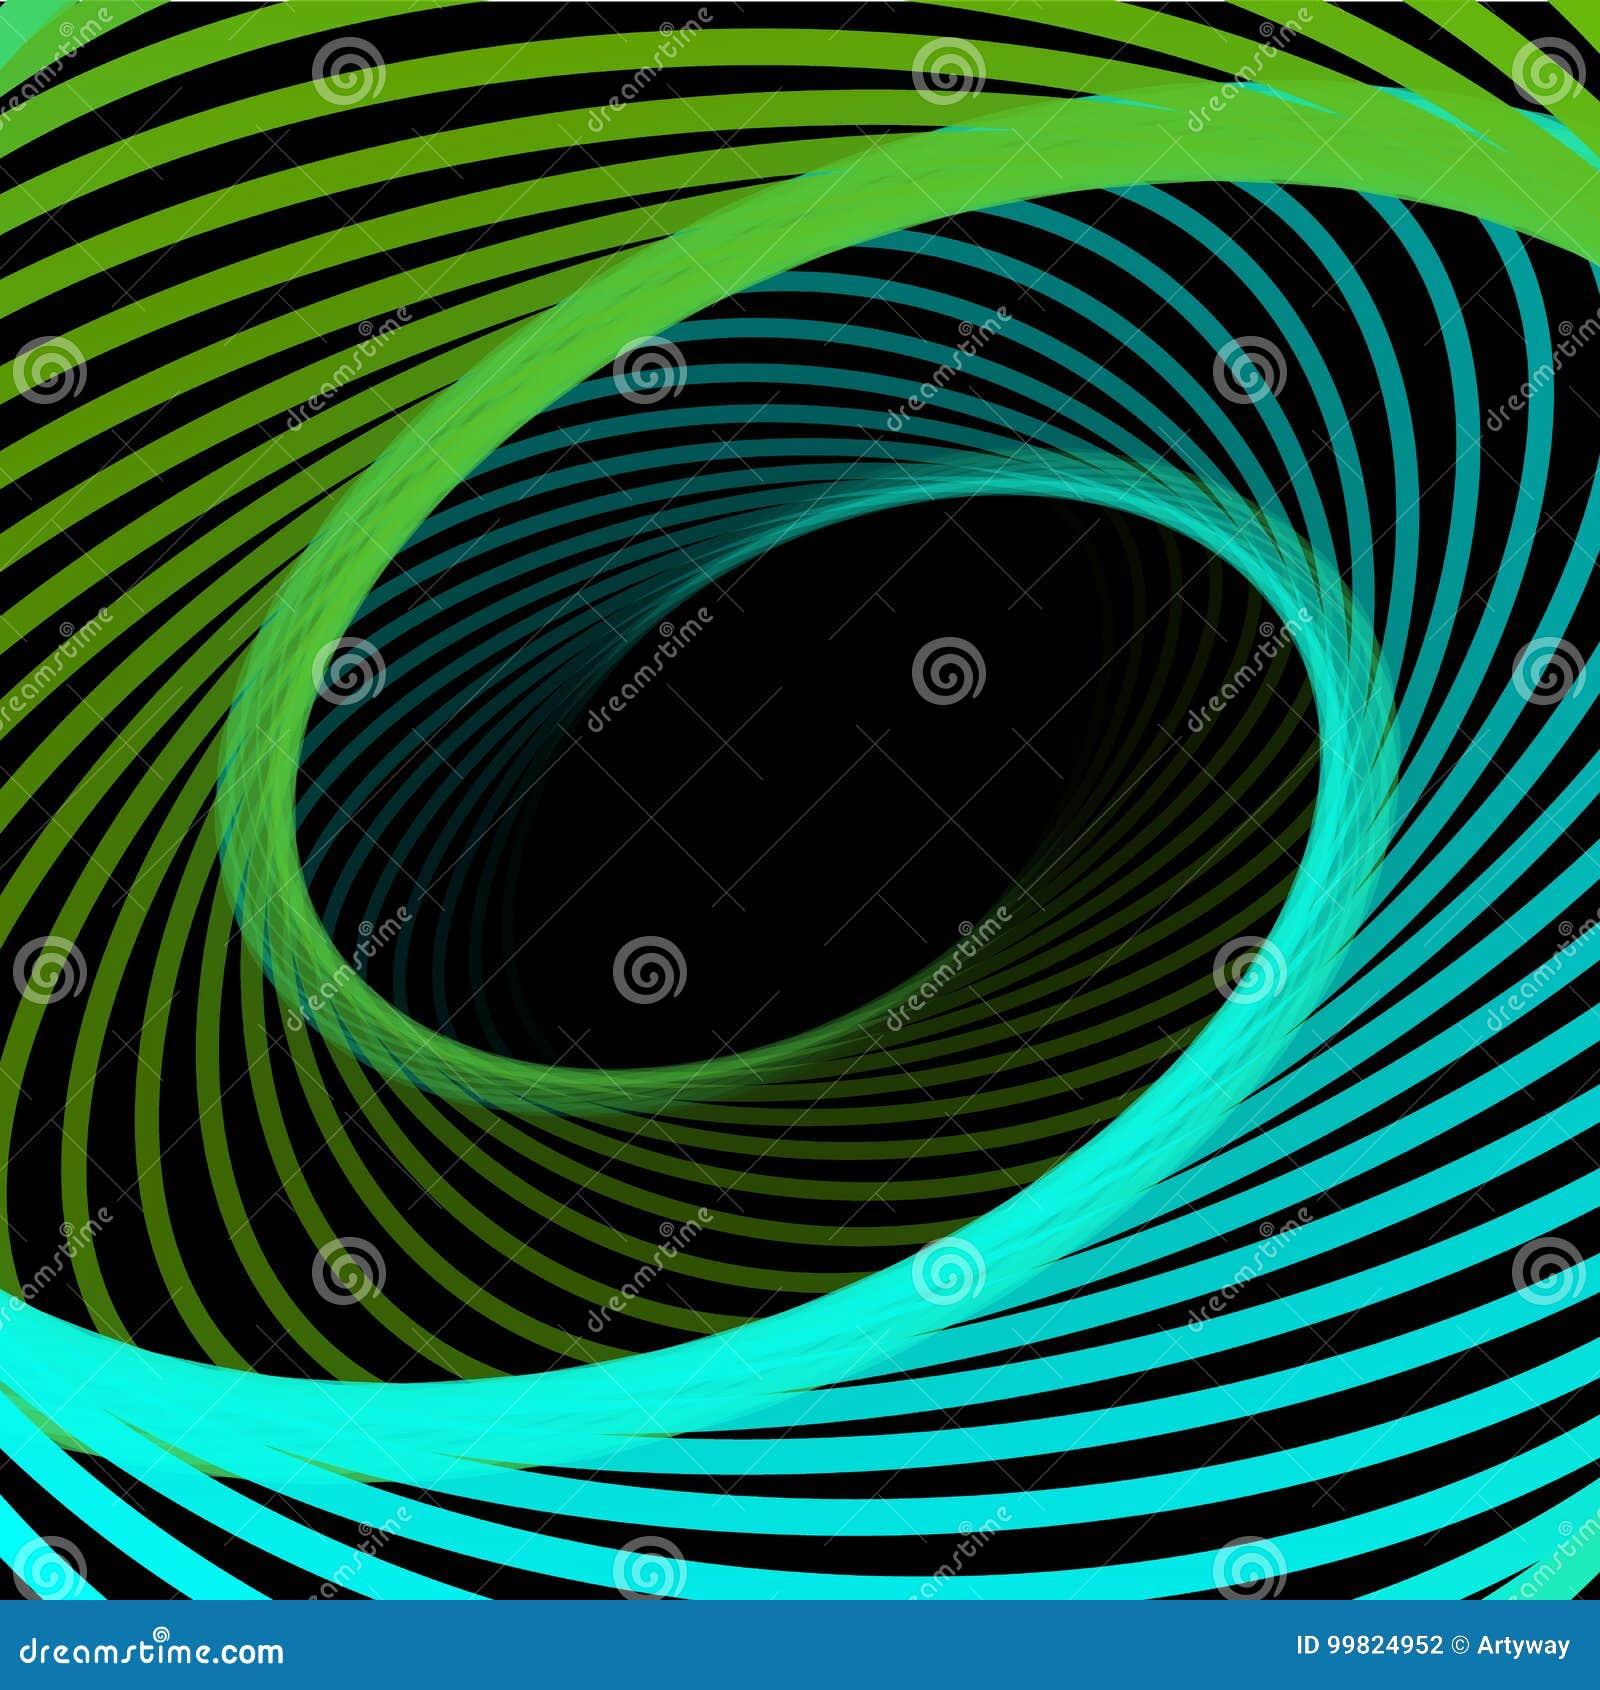 抽象宇宙,扭转线背景 纳诺技术结构,视觉效果